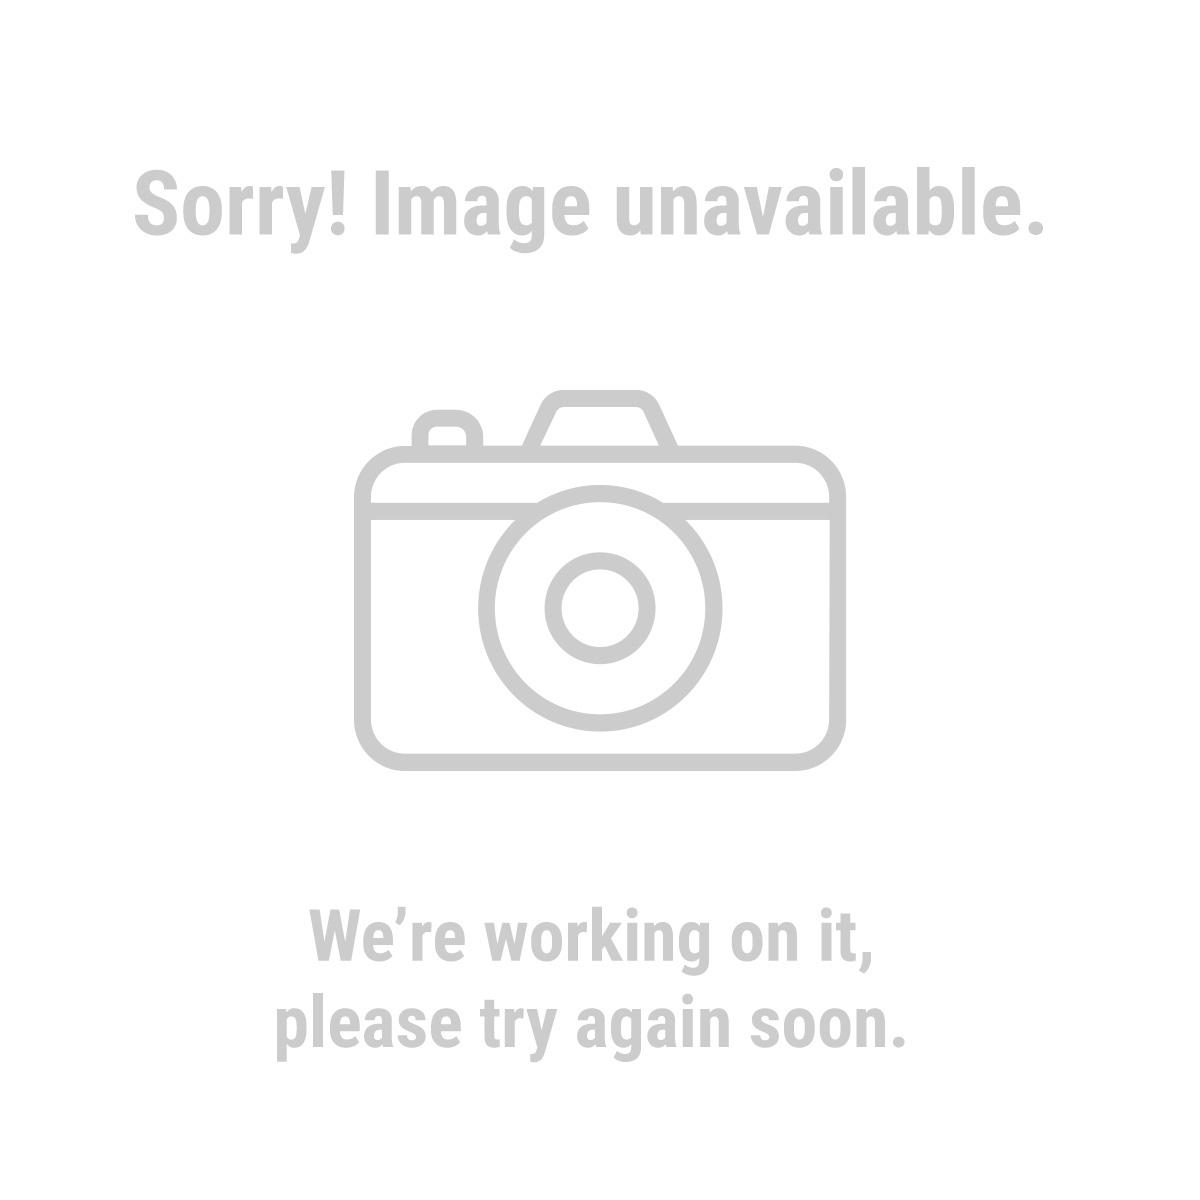 Chicago Electric Welding 63069 Adjustable Steel Welding Table